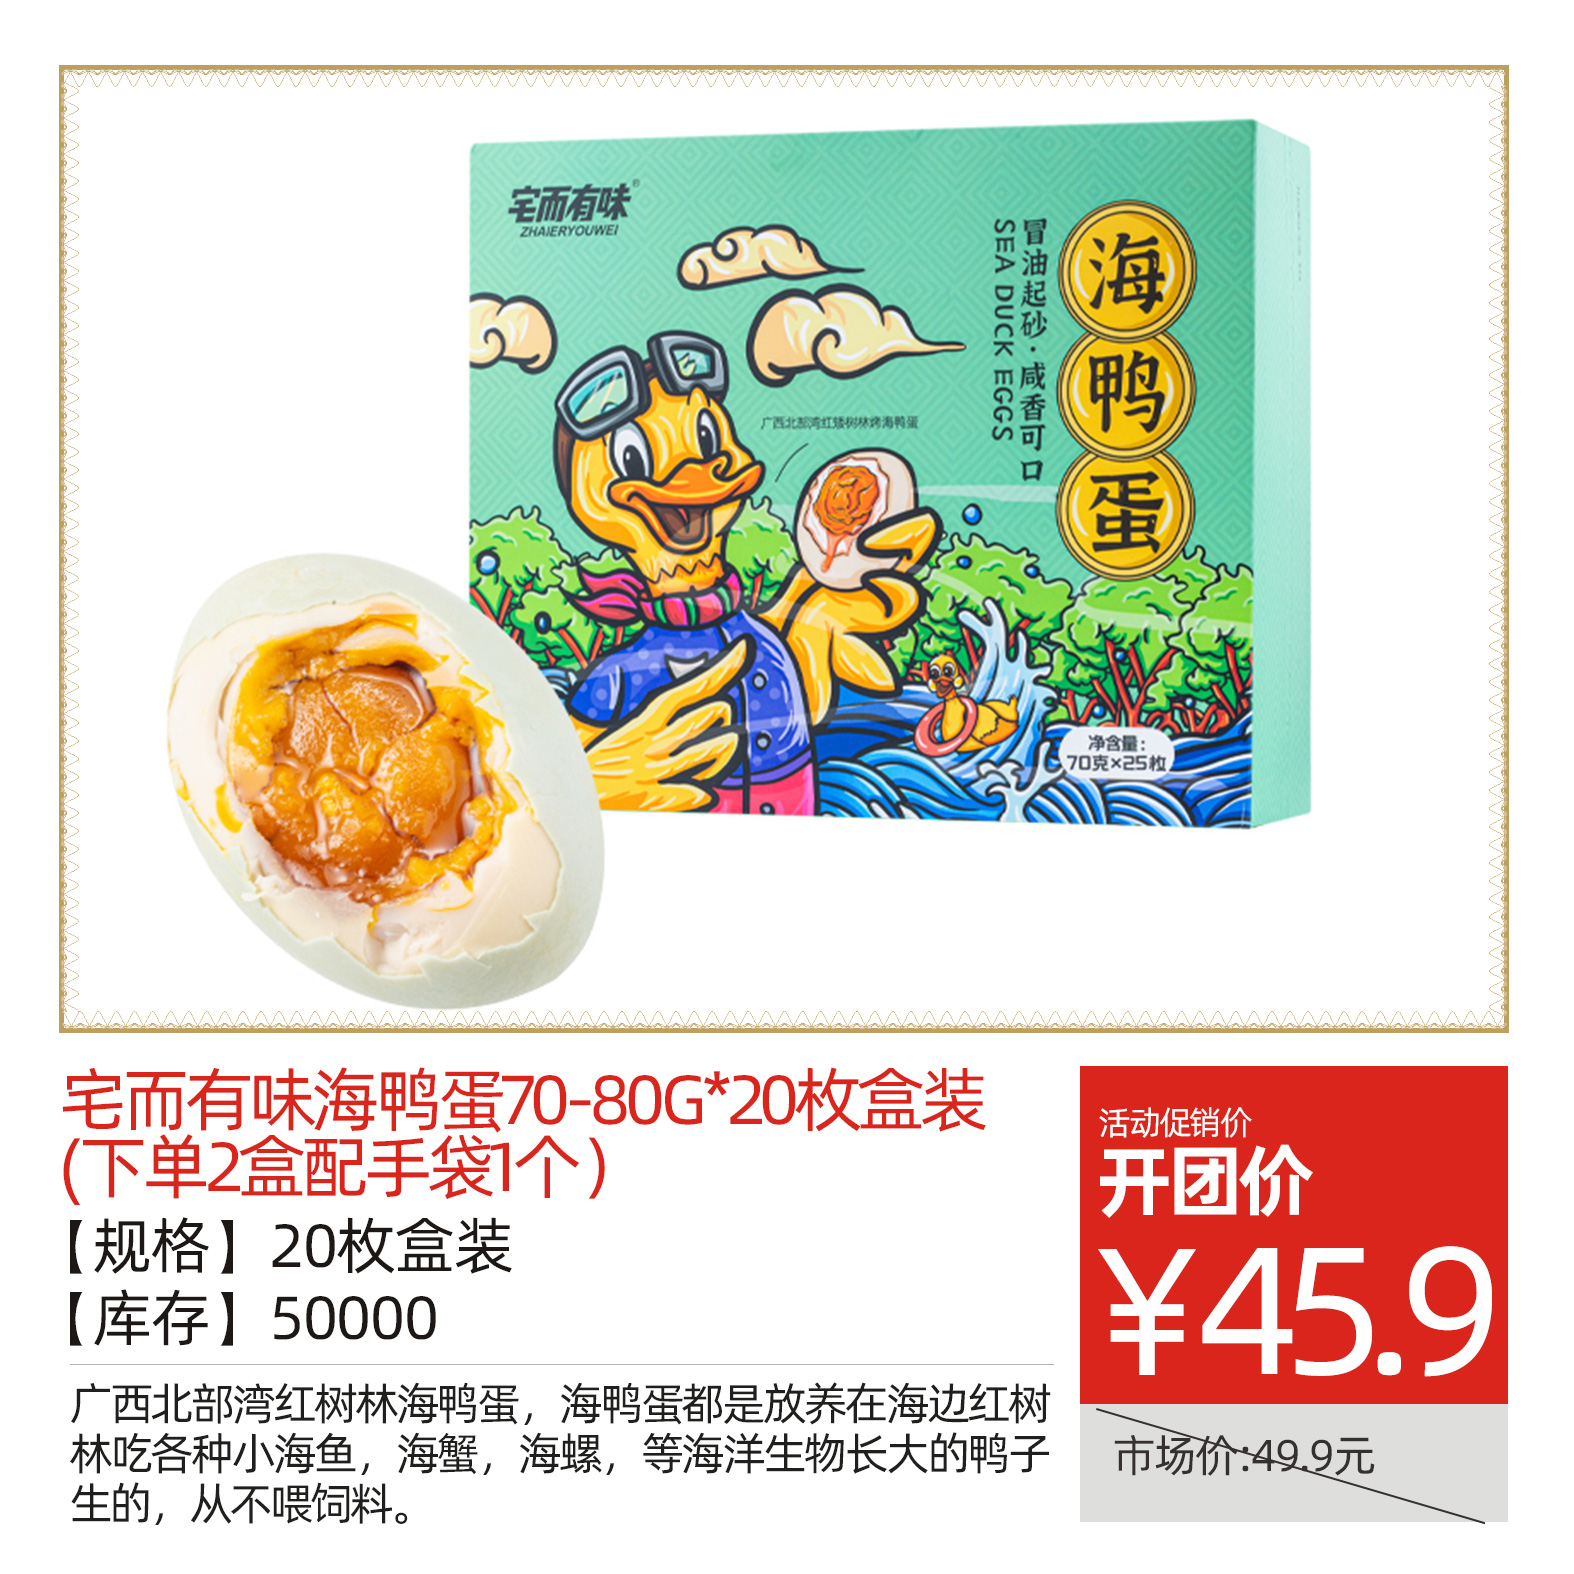 宅而有味海鸭蛋70-80g*20枚盒装(下单2盒配手袋1个)